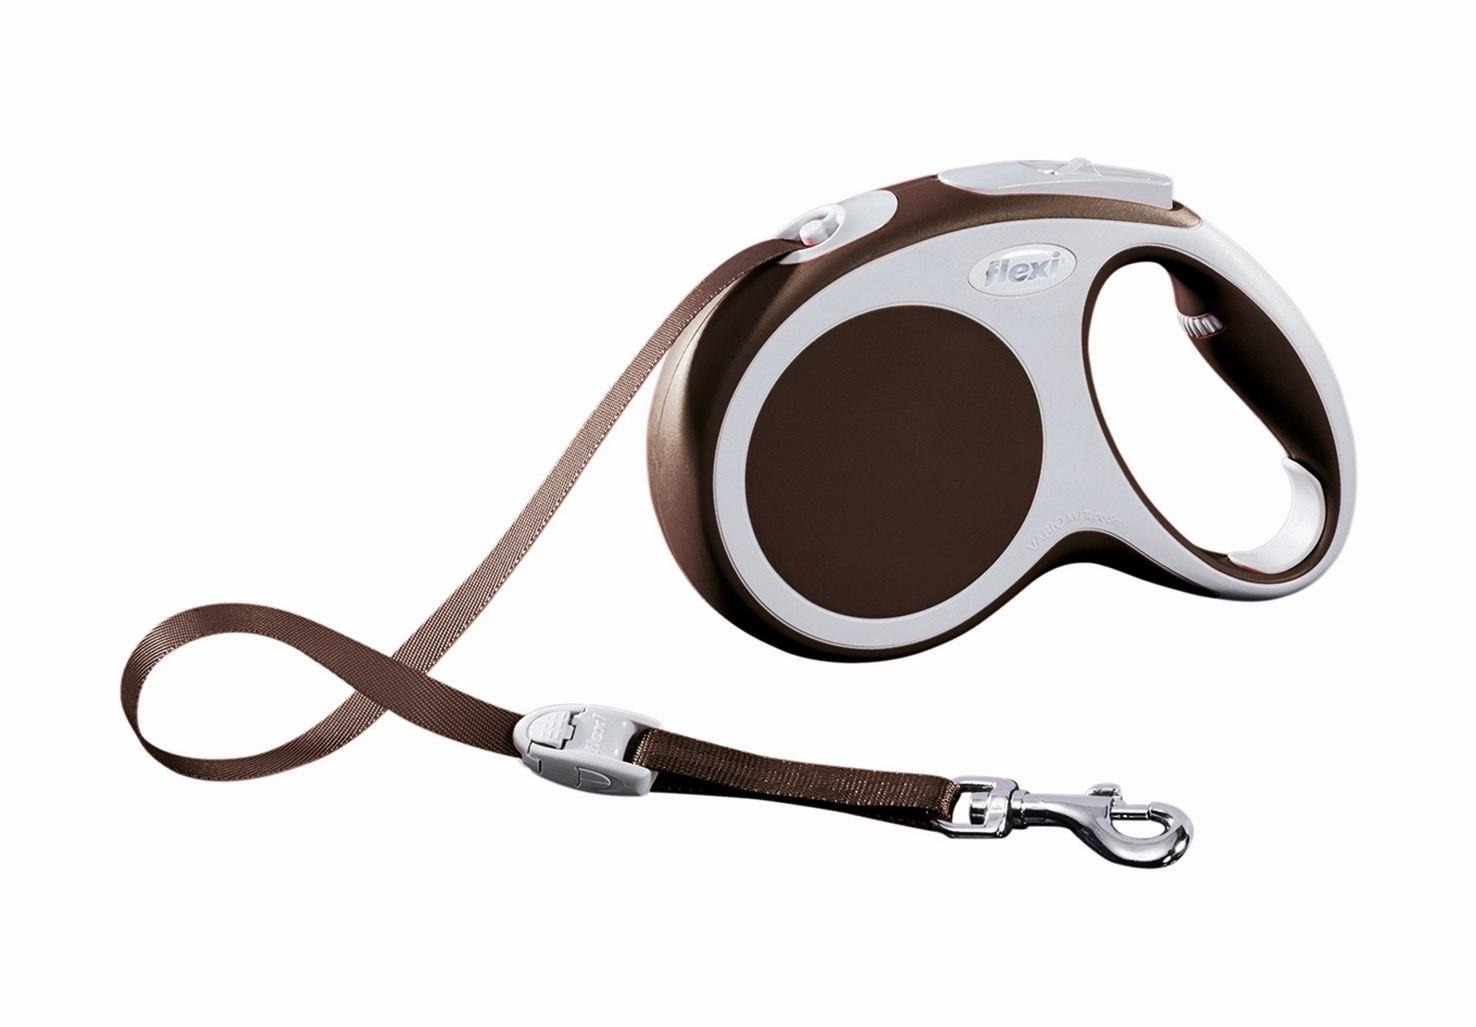 """Поводок-рулетка Flexi """"Vario Compact М"""" для собак до 25 кг, цвет: коричневый, 5 м"""